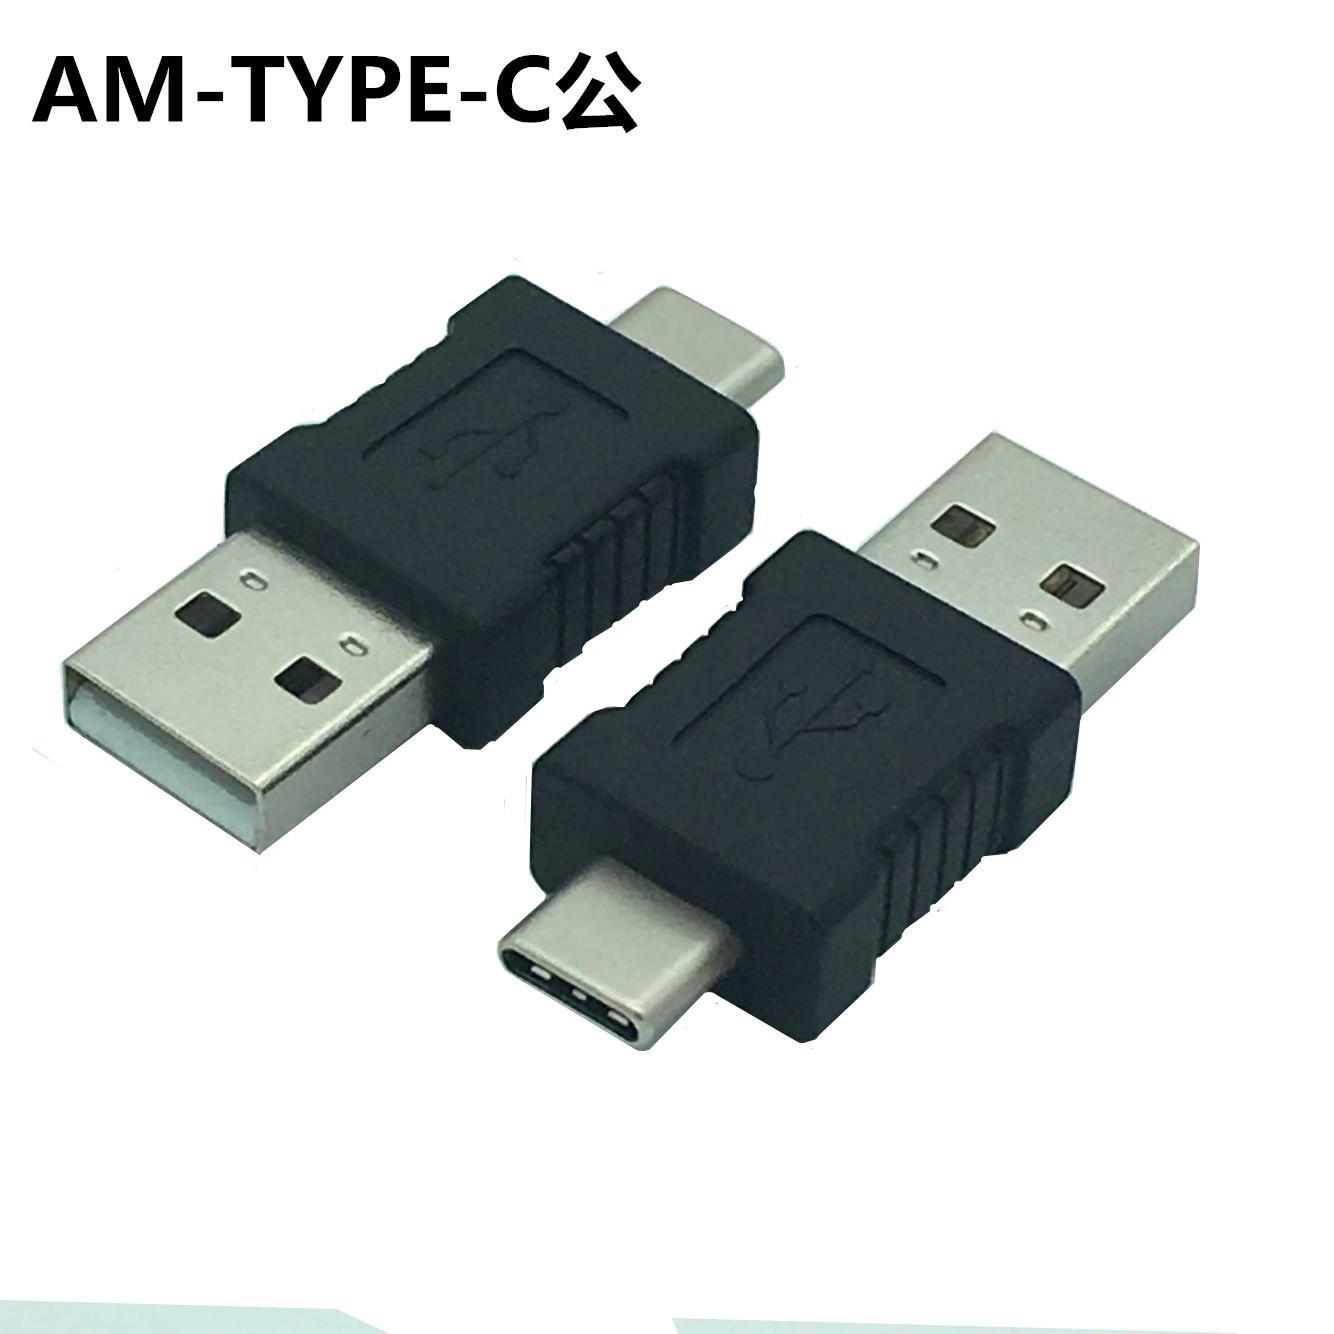 Adaptador USB 3.1 C-TYPE / USB3.0 AM